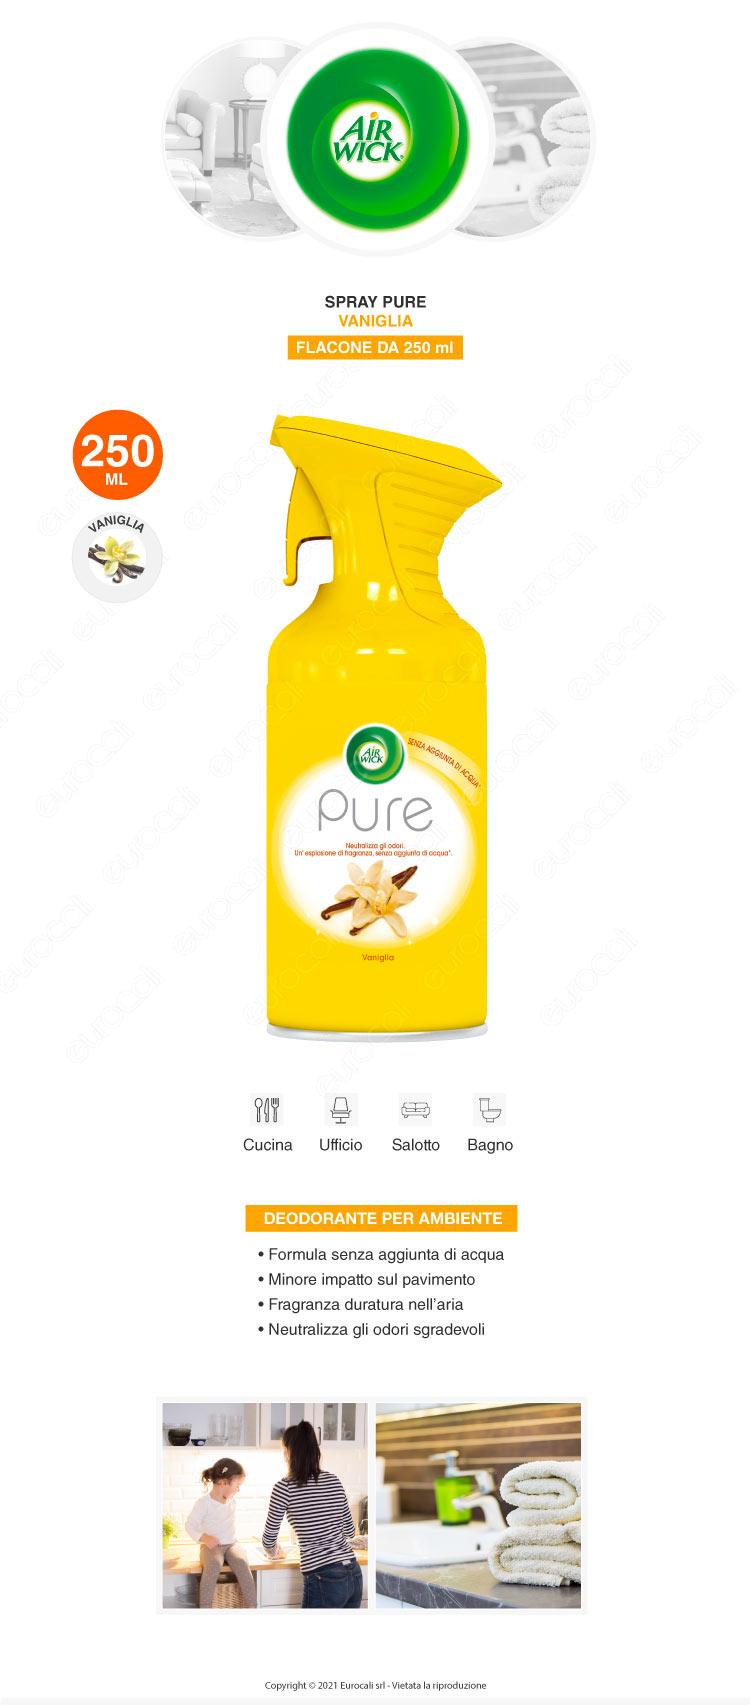 Air Wick Spray Pure Vaniglia